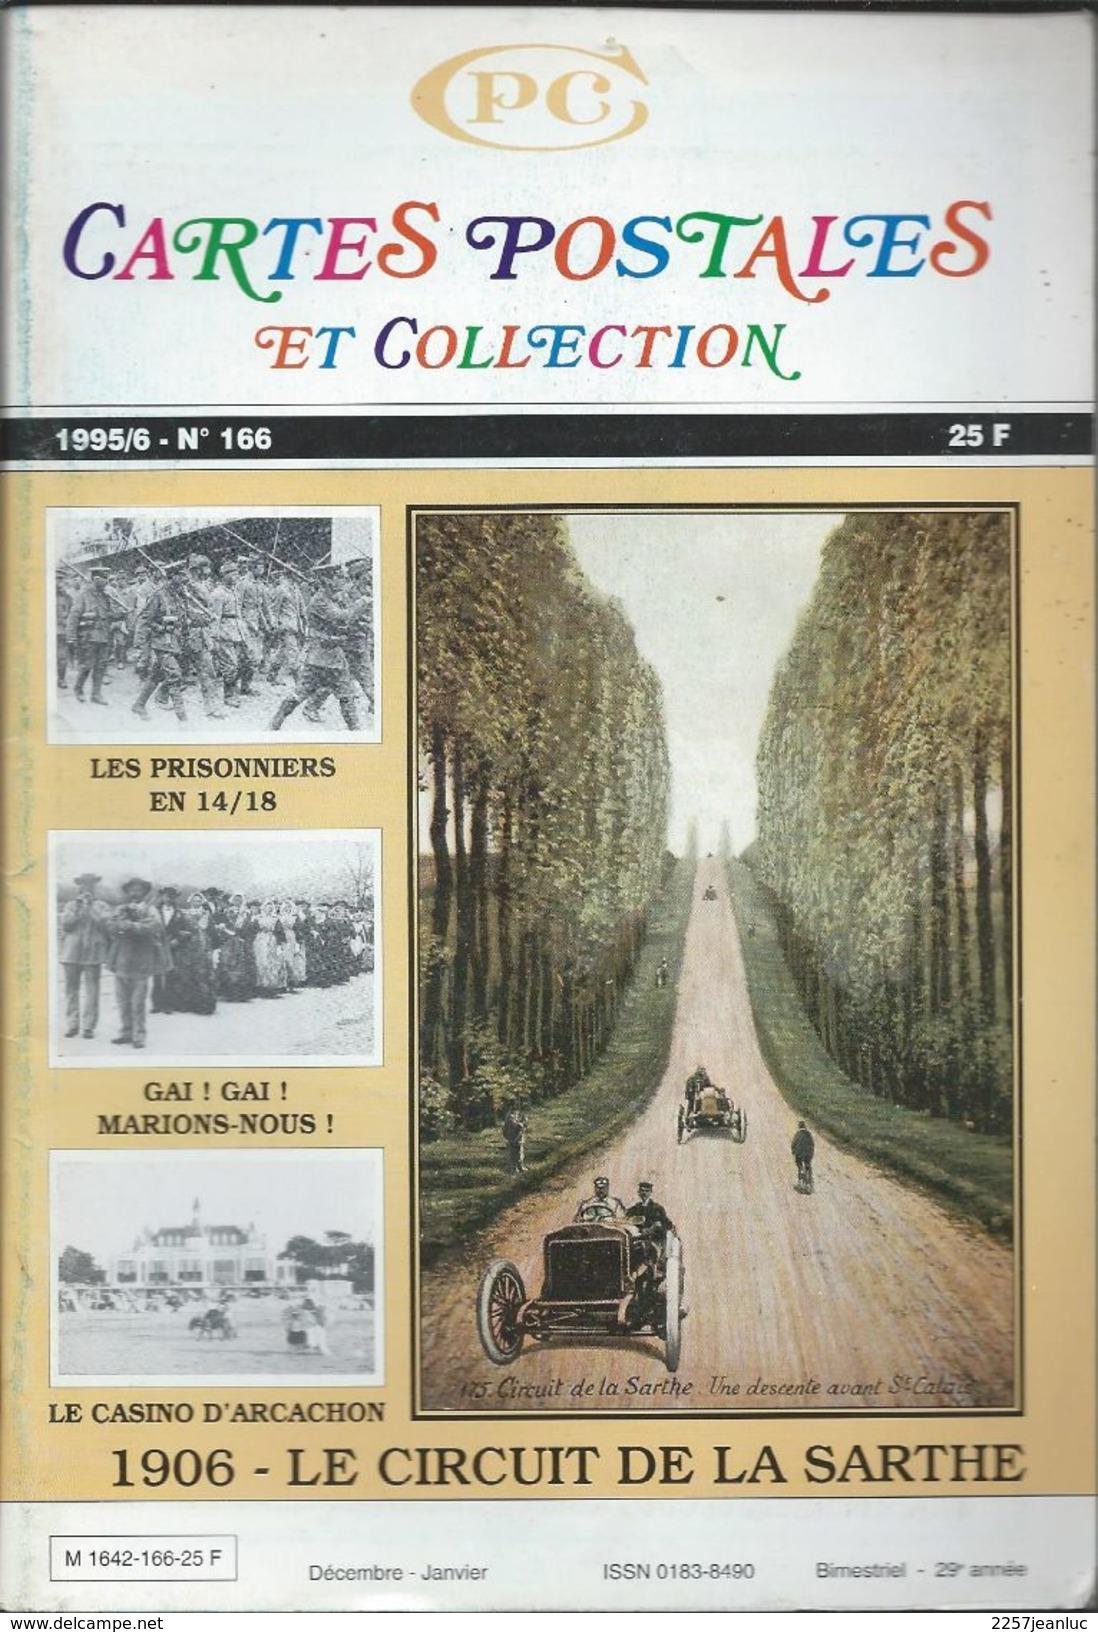 Cartes Postales Et Collections Janvier 1995  Magazines N: 166  Llustration &  Thèmes Divers 98 Pages - Français